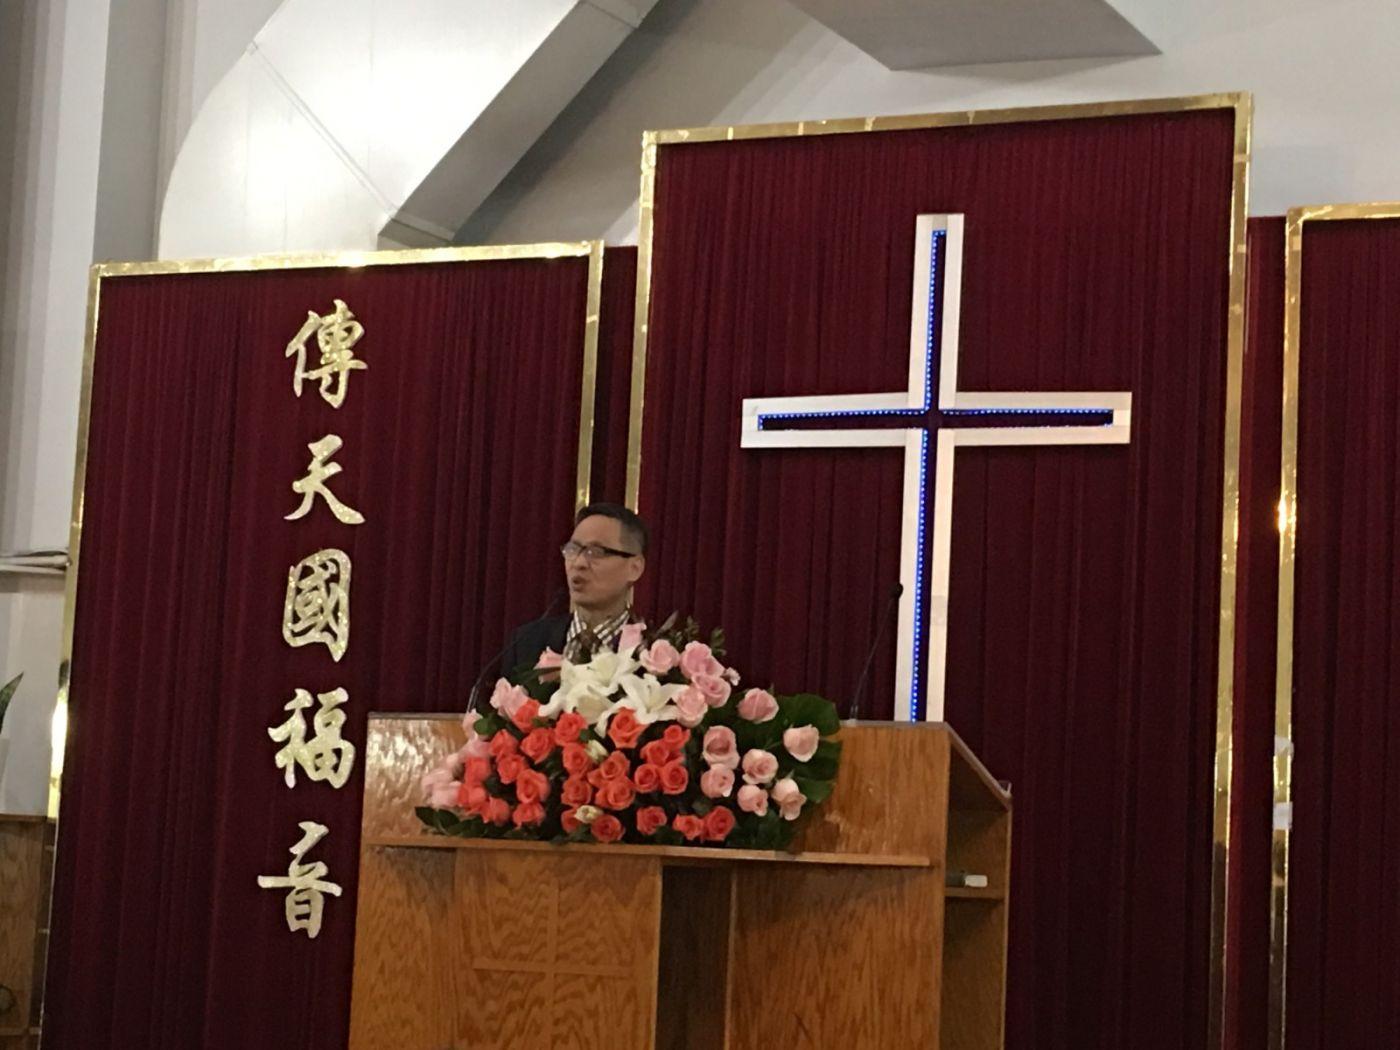 2019紐約基督閩恩教會舉辦感恩節崇拜_图1-19